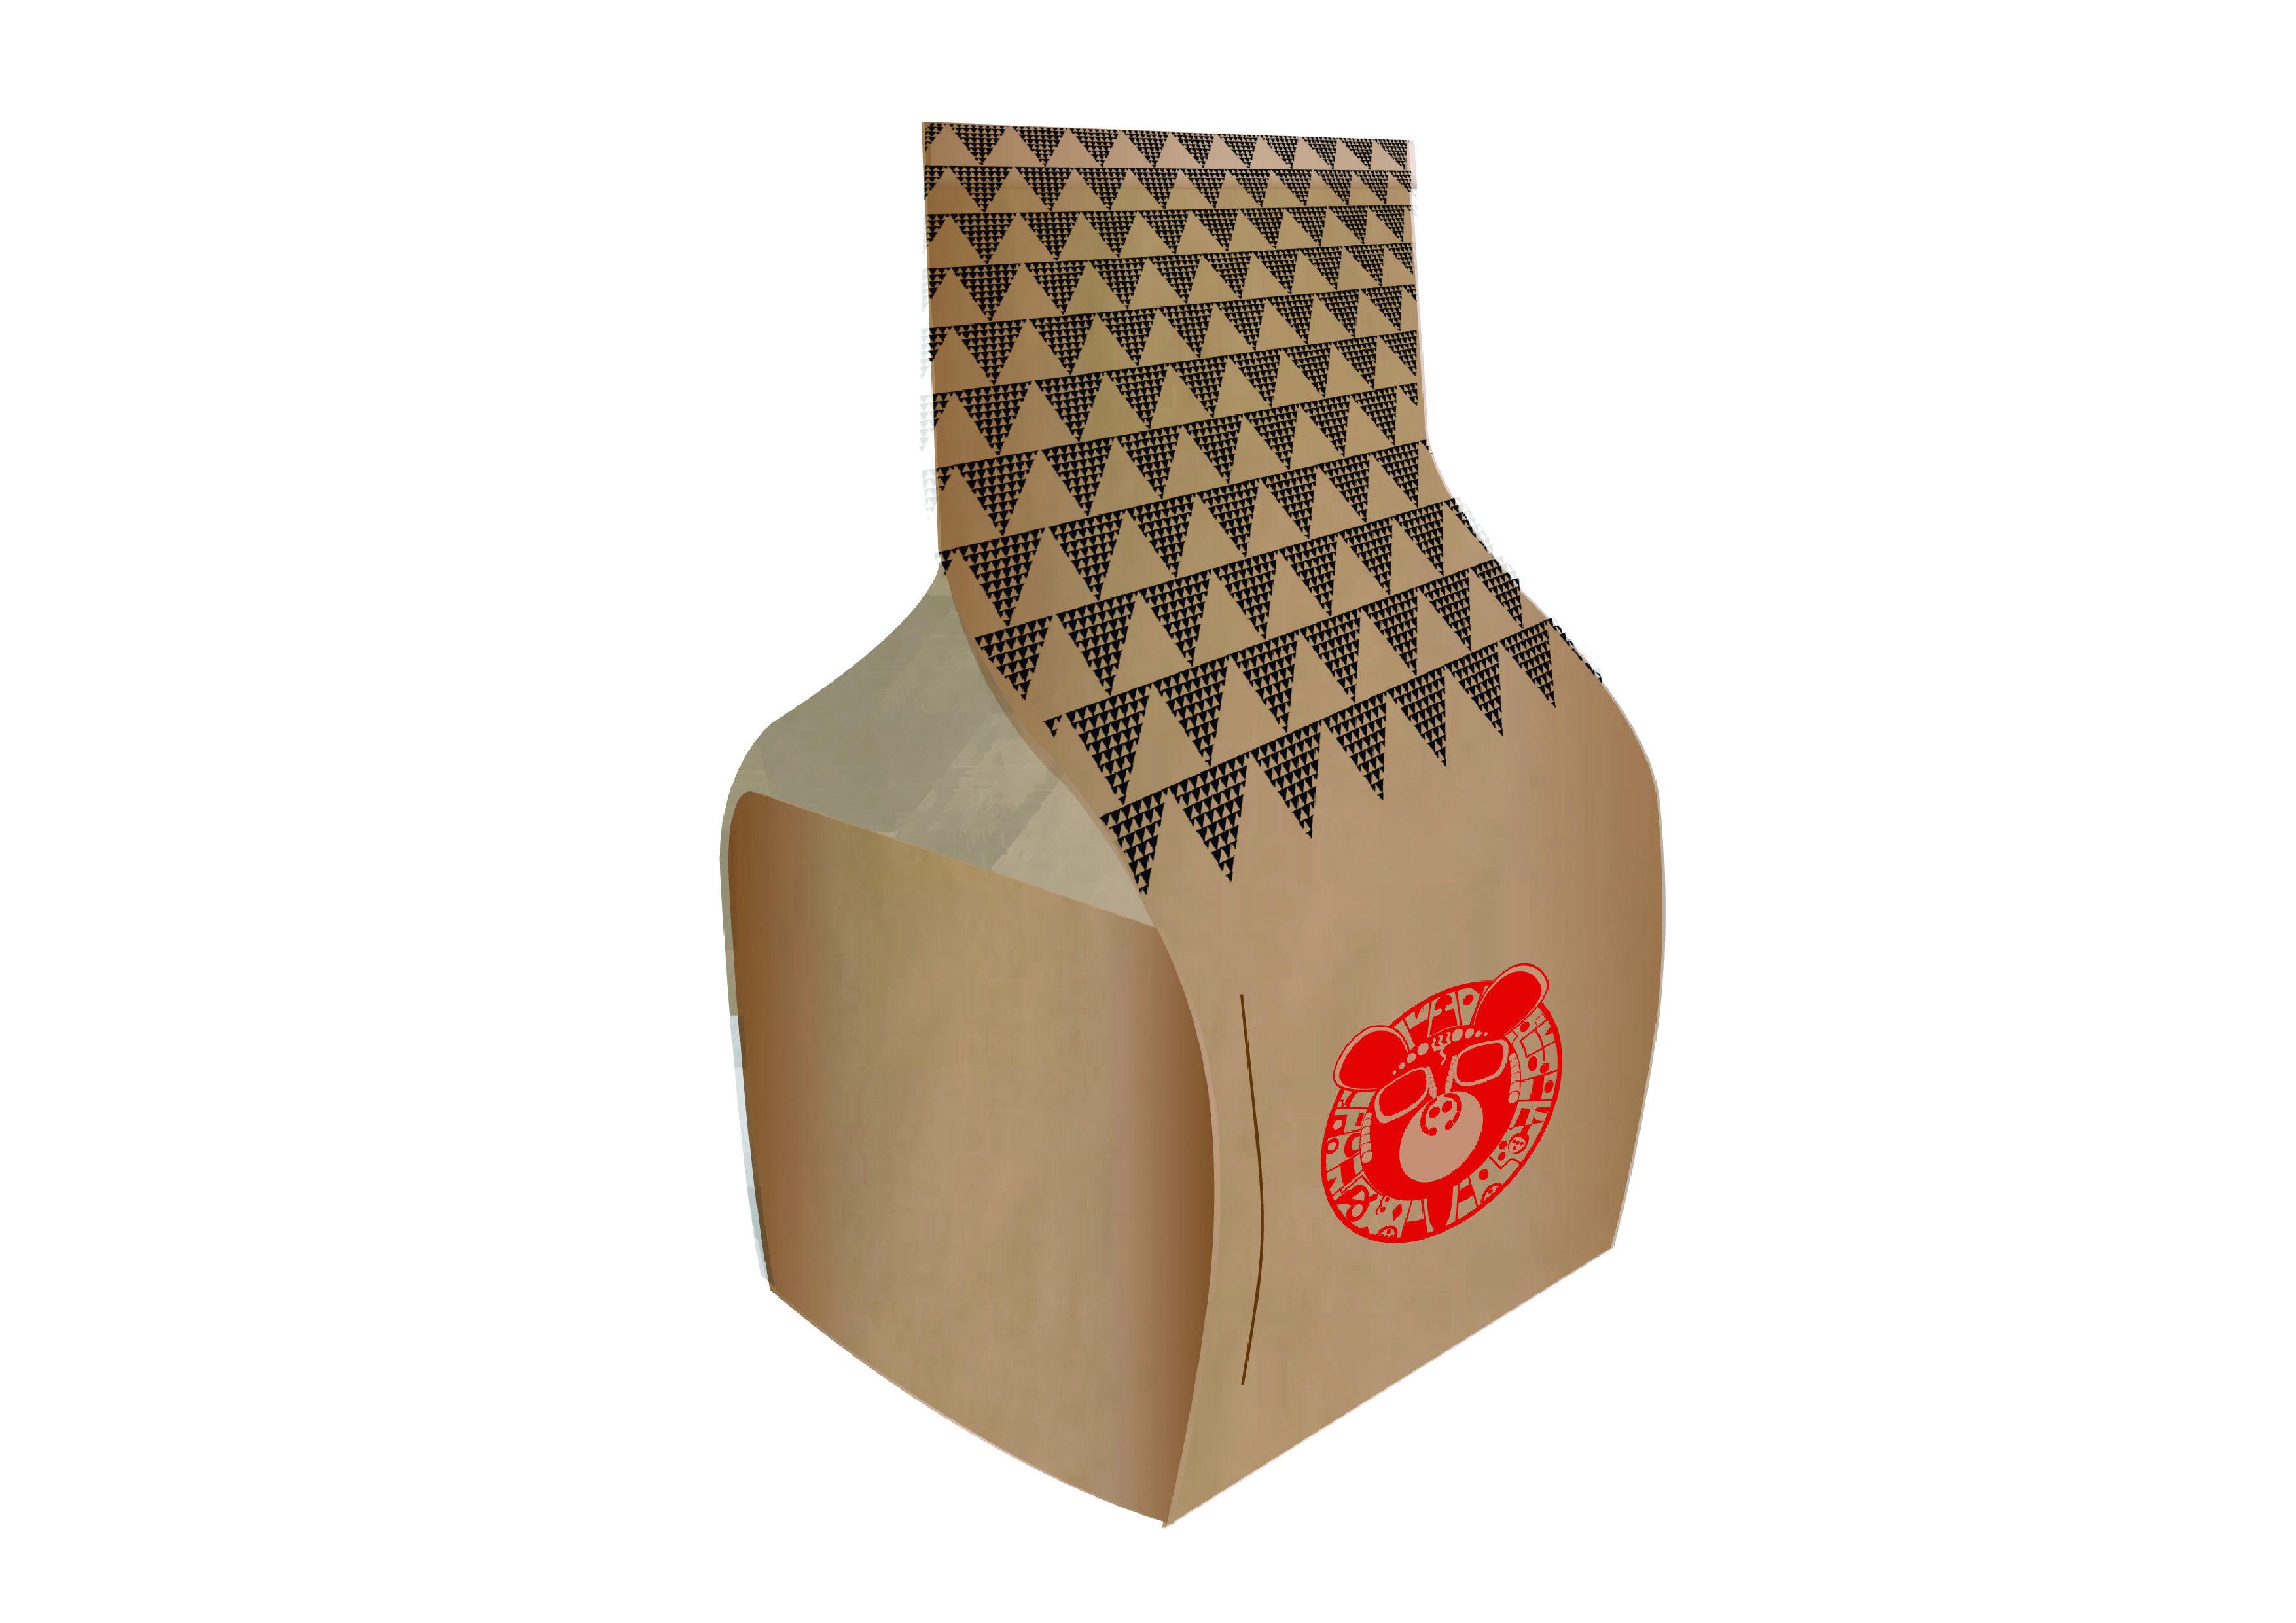 Propuesta numero uno de packaging de Rendibú 2014, una bolsa de papel que al abrirse se extiende como mantel, bolsa practica para que los invitados no se ensucien ya que esta cena es un cátering y se come por todo el recinto, mayormente  en el suelo.